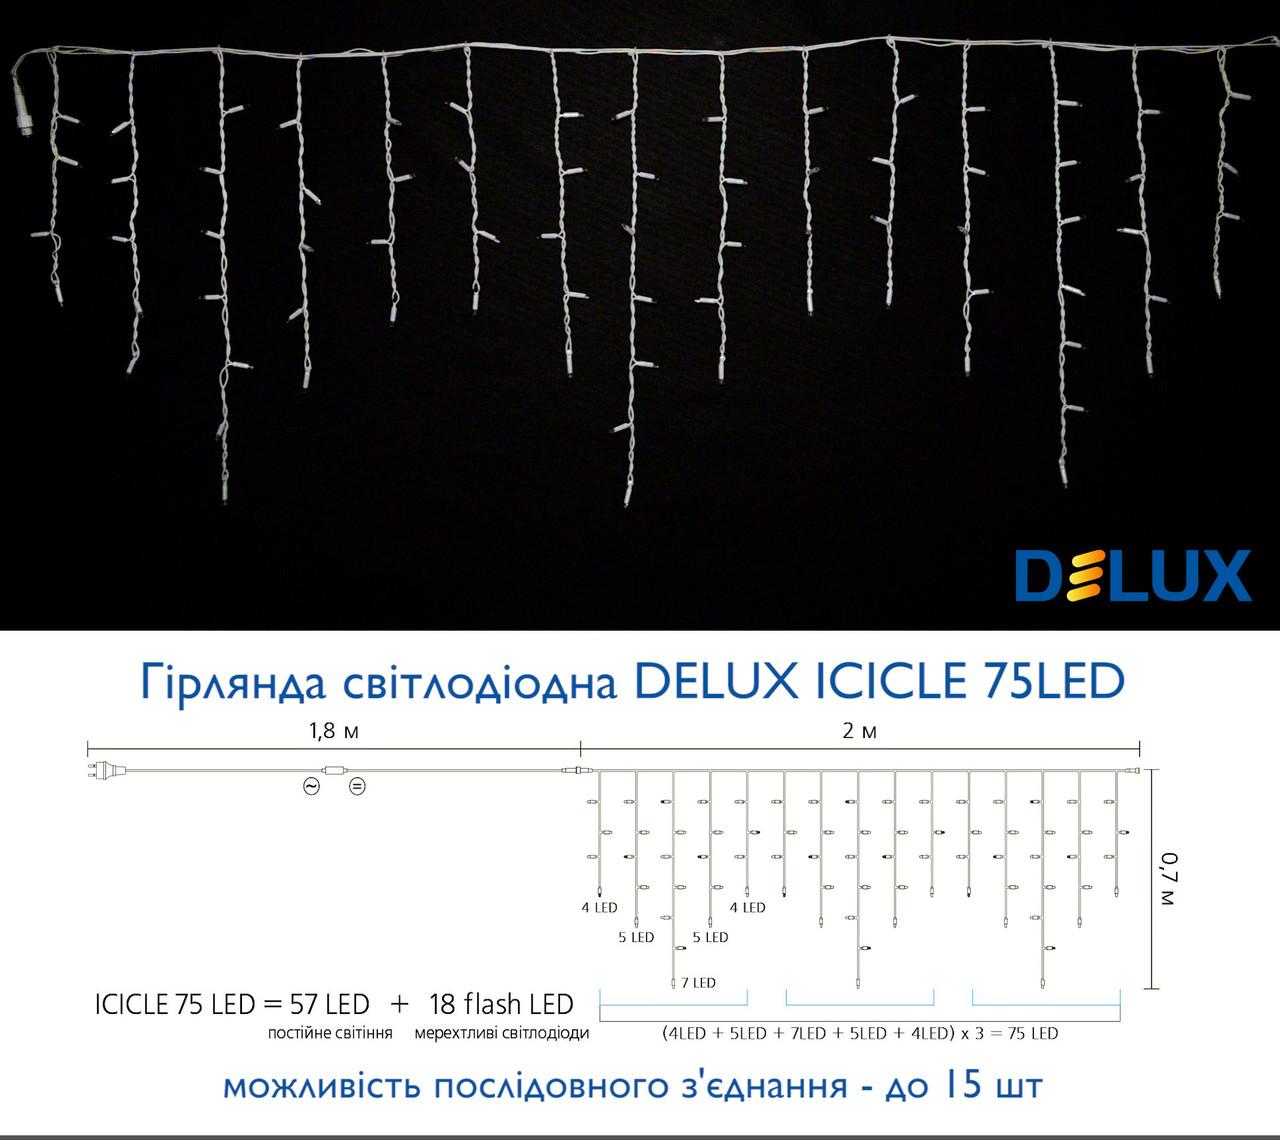 Гирлянда уличная DELUX ICICLE 75LED 2x0.7m 18 бел flash тепл.бел/черн IP44 EN